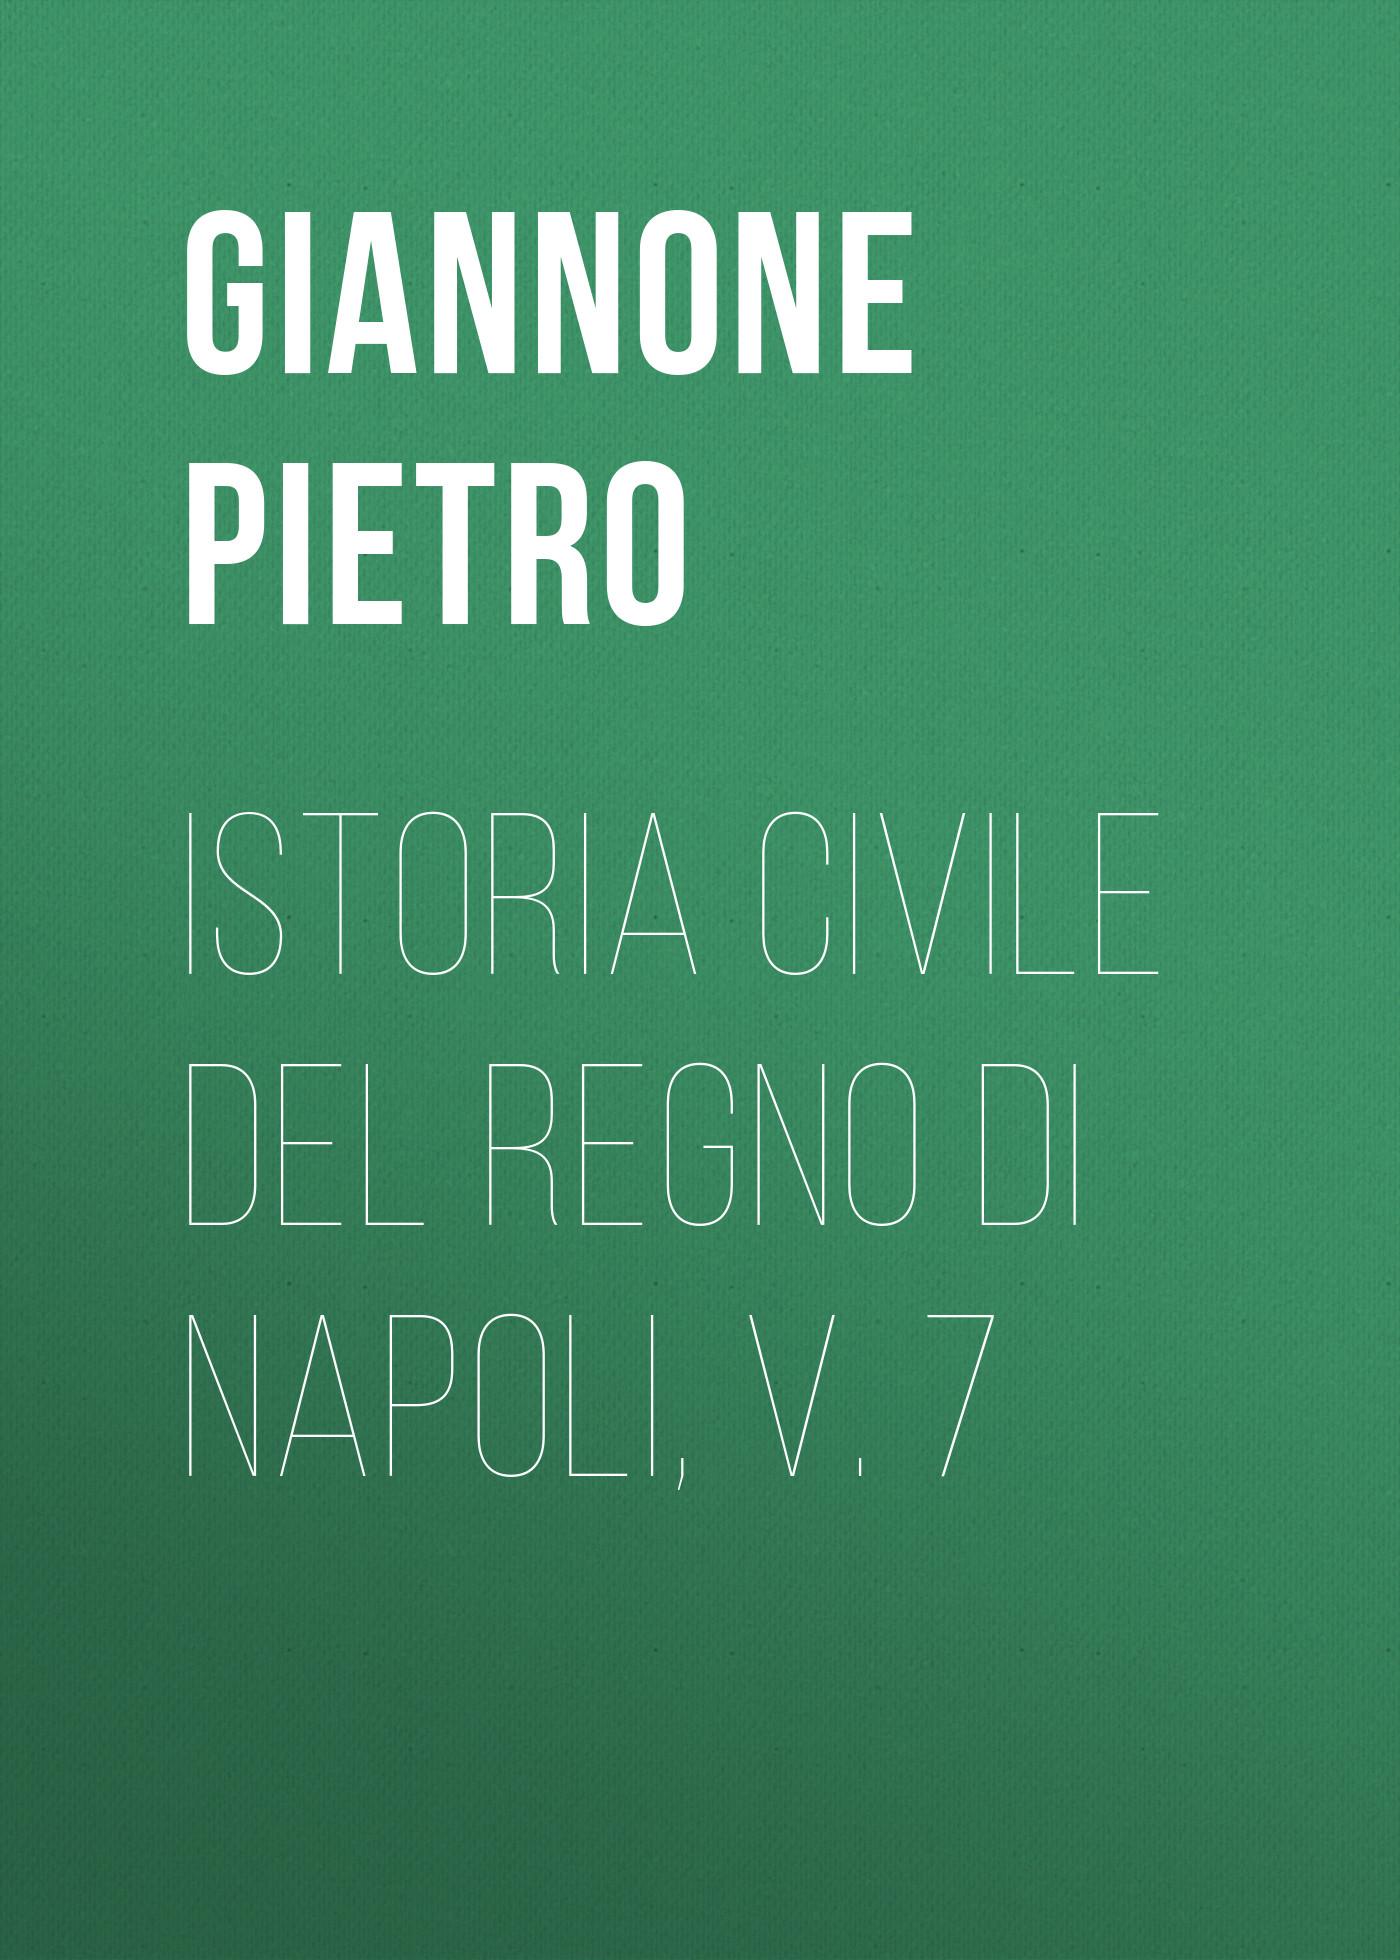 Giannone Pietro Istoria civile del Regno di Napoli, v. 7 angelo di costanza istoria del regno di napoli vol 1 classic reprint